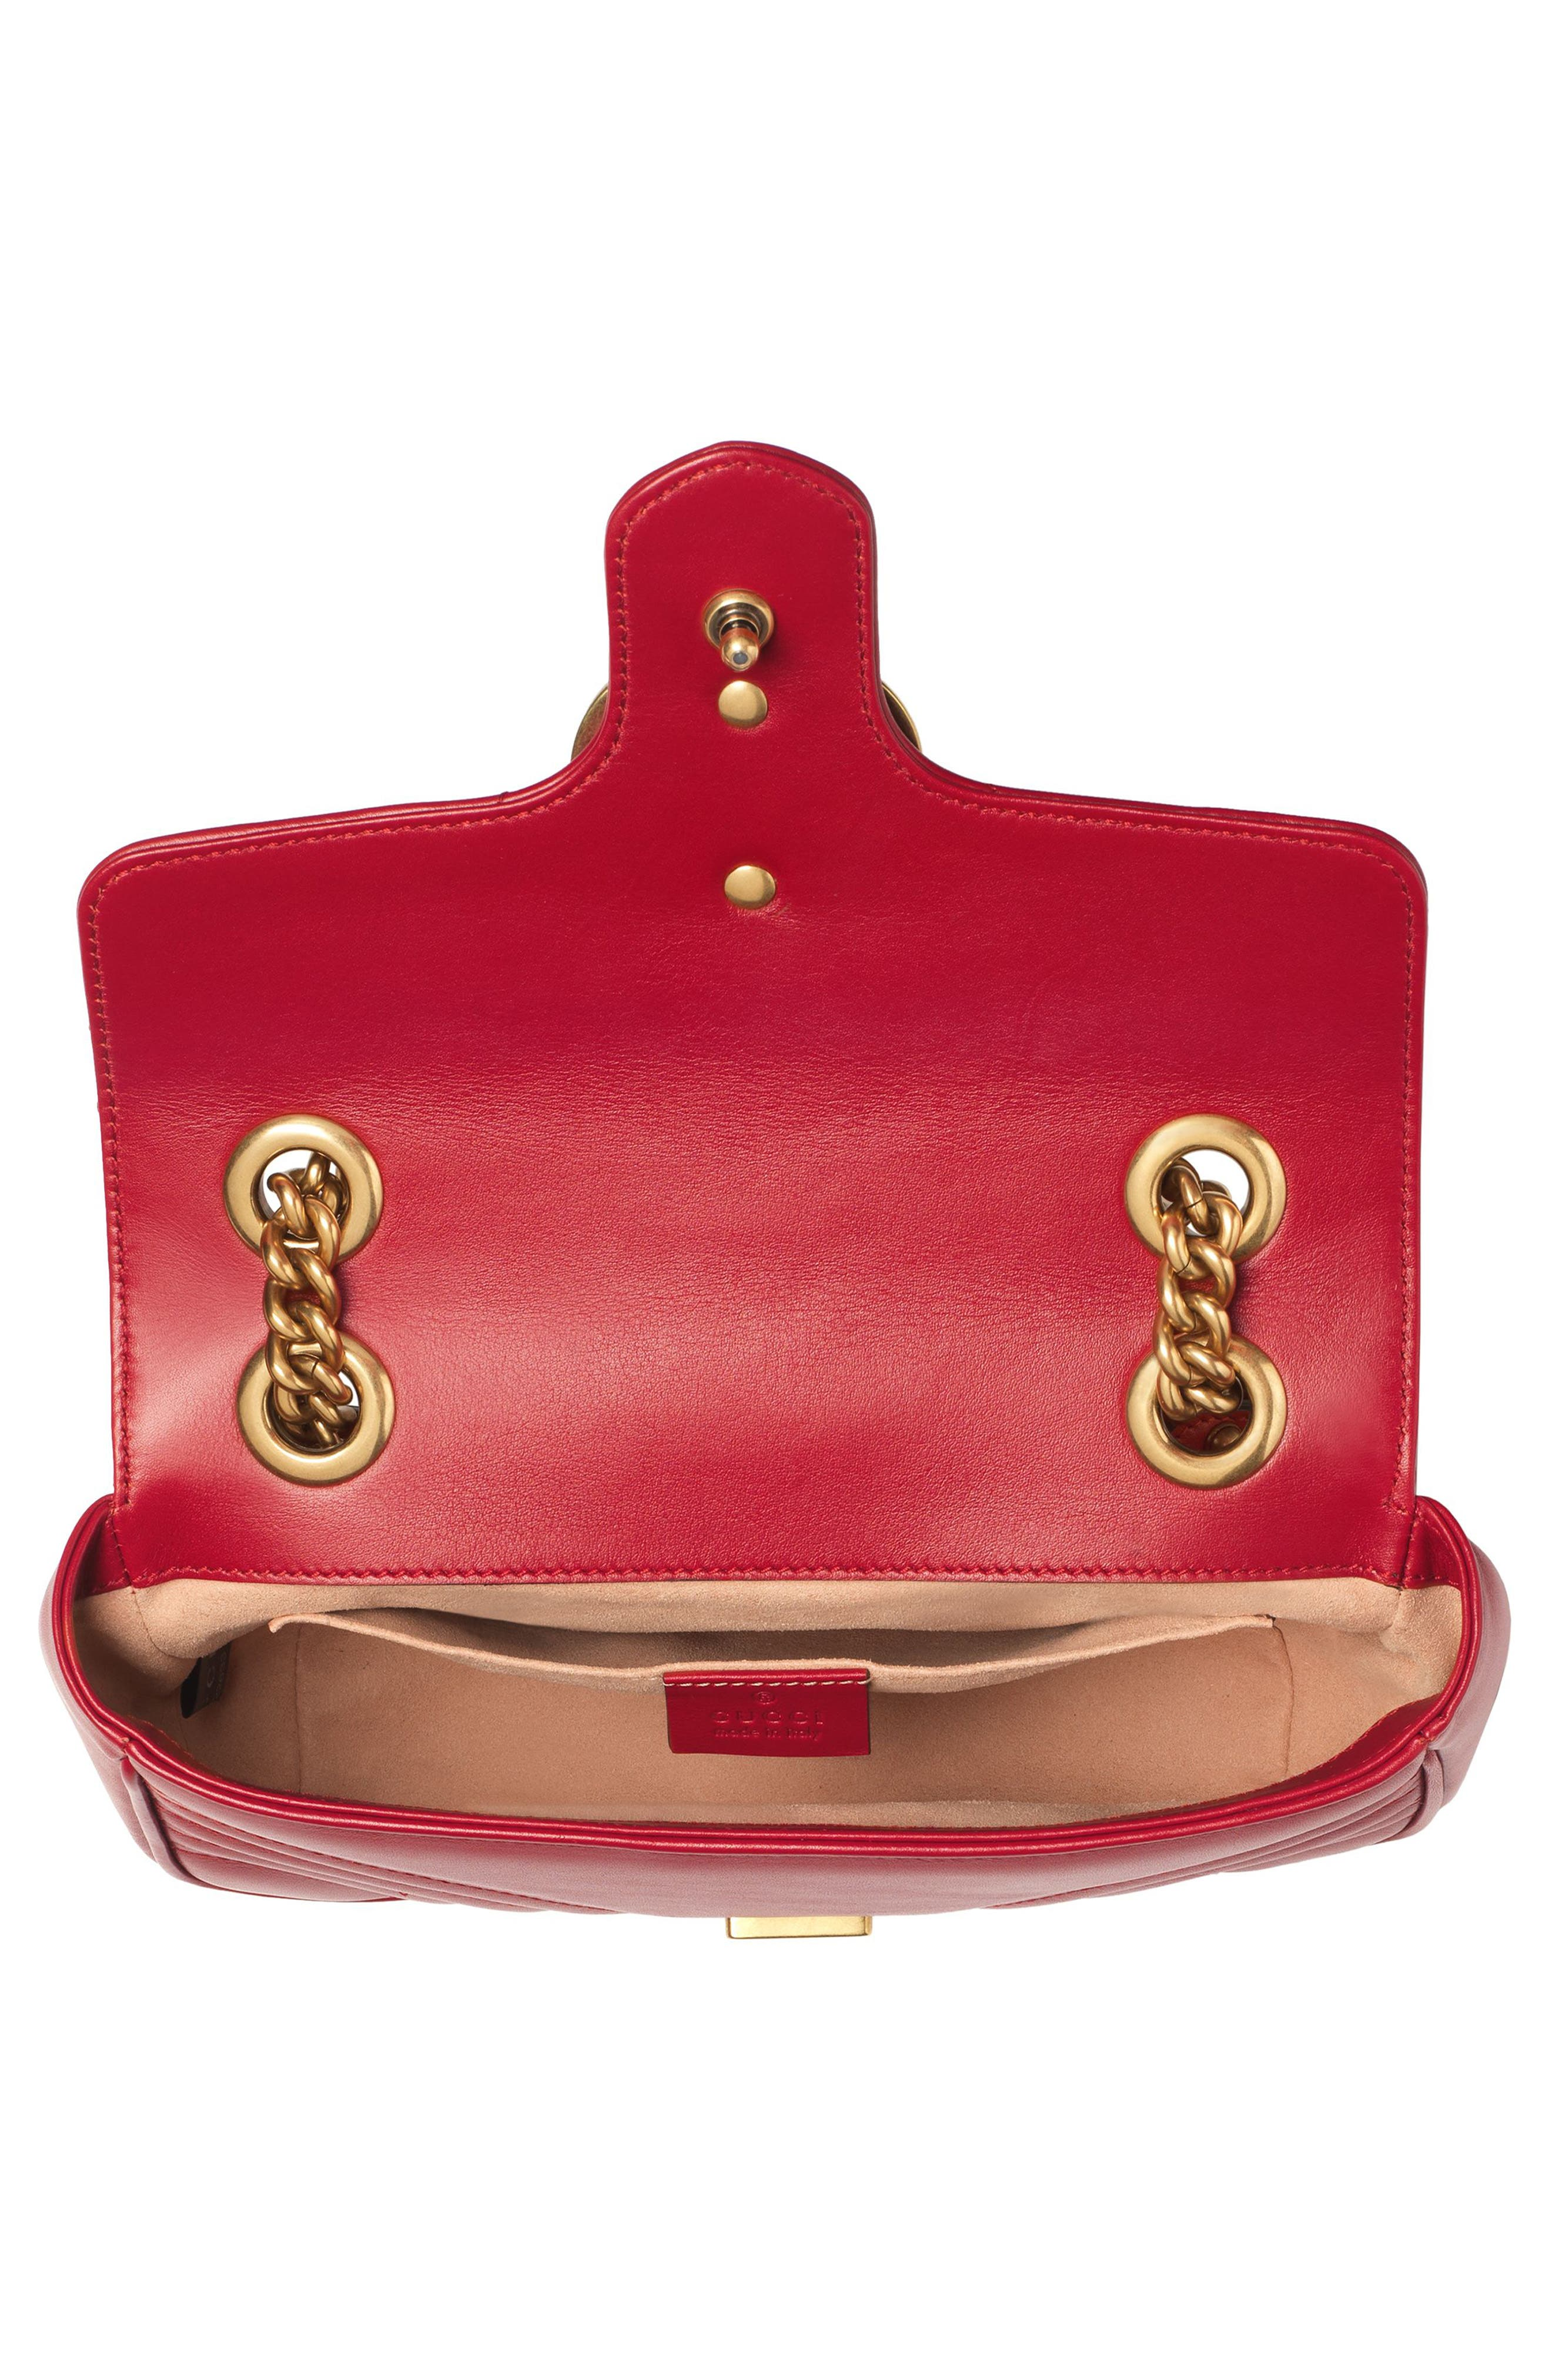 Mini GG Marmont 2.0 Matelassé Leather Shoulder Bag,                             Alternate thumbnail 4, color,                             HIBISCUS RED